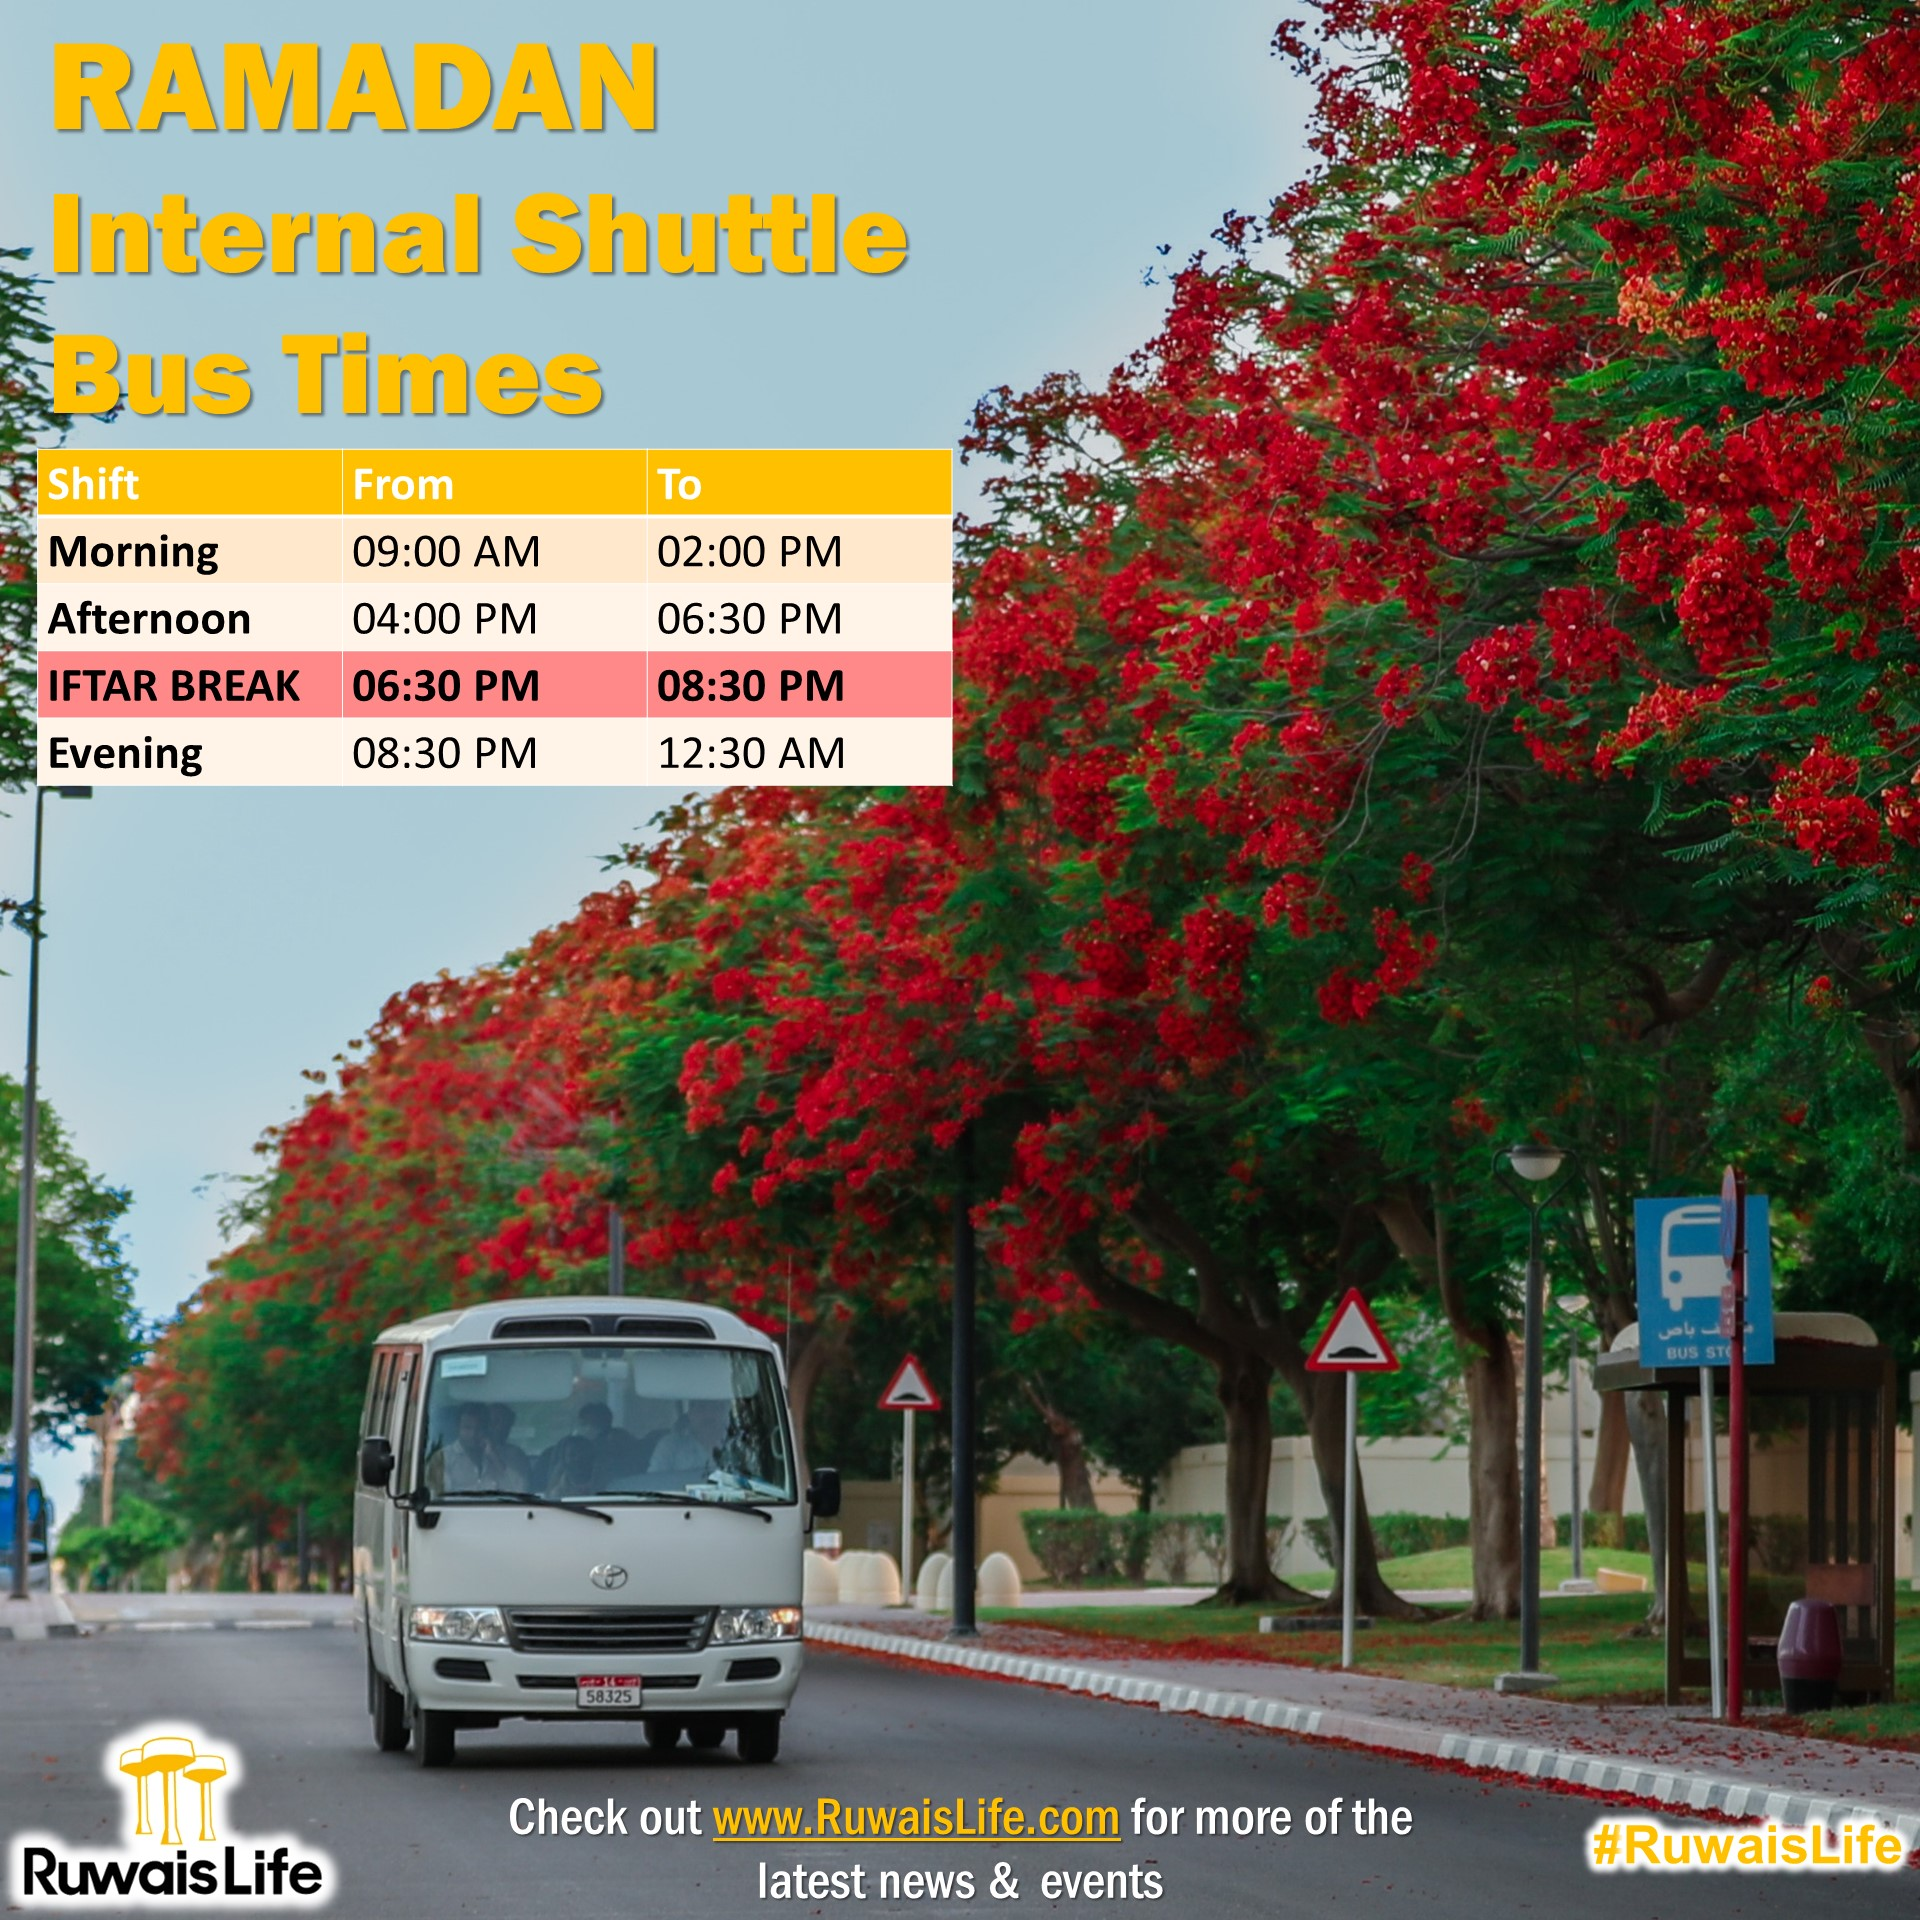 BusRamadan.jpg